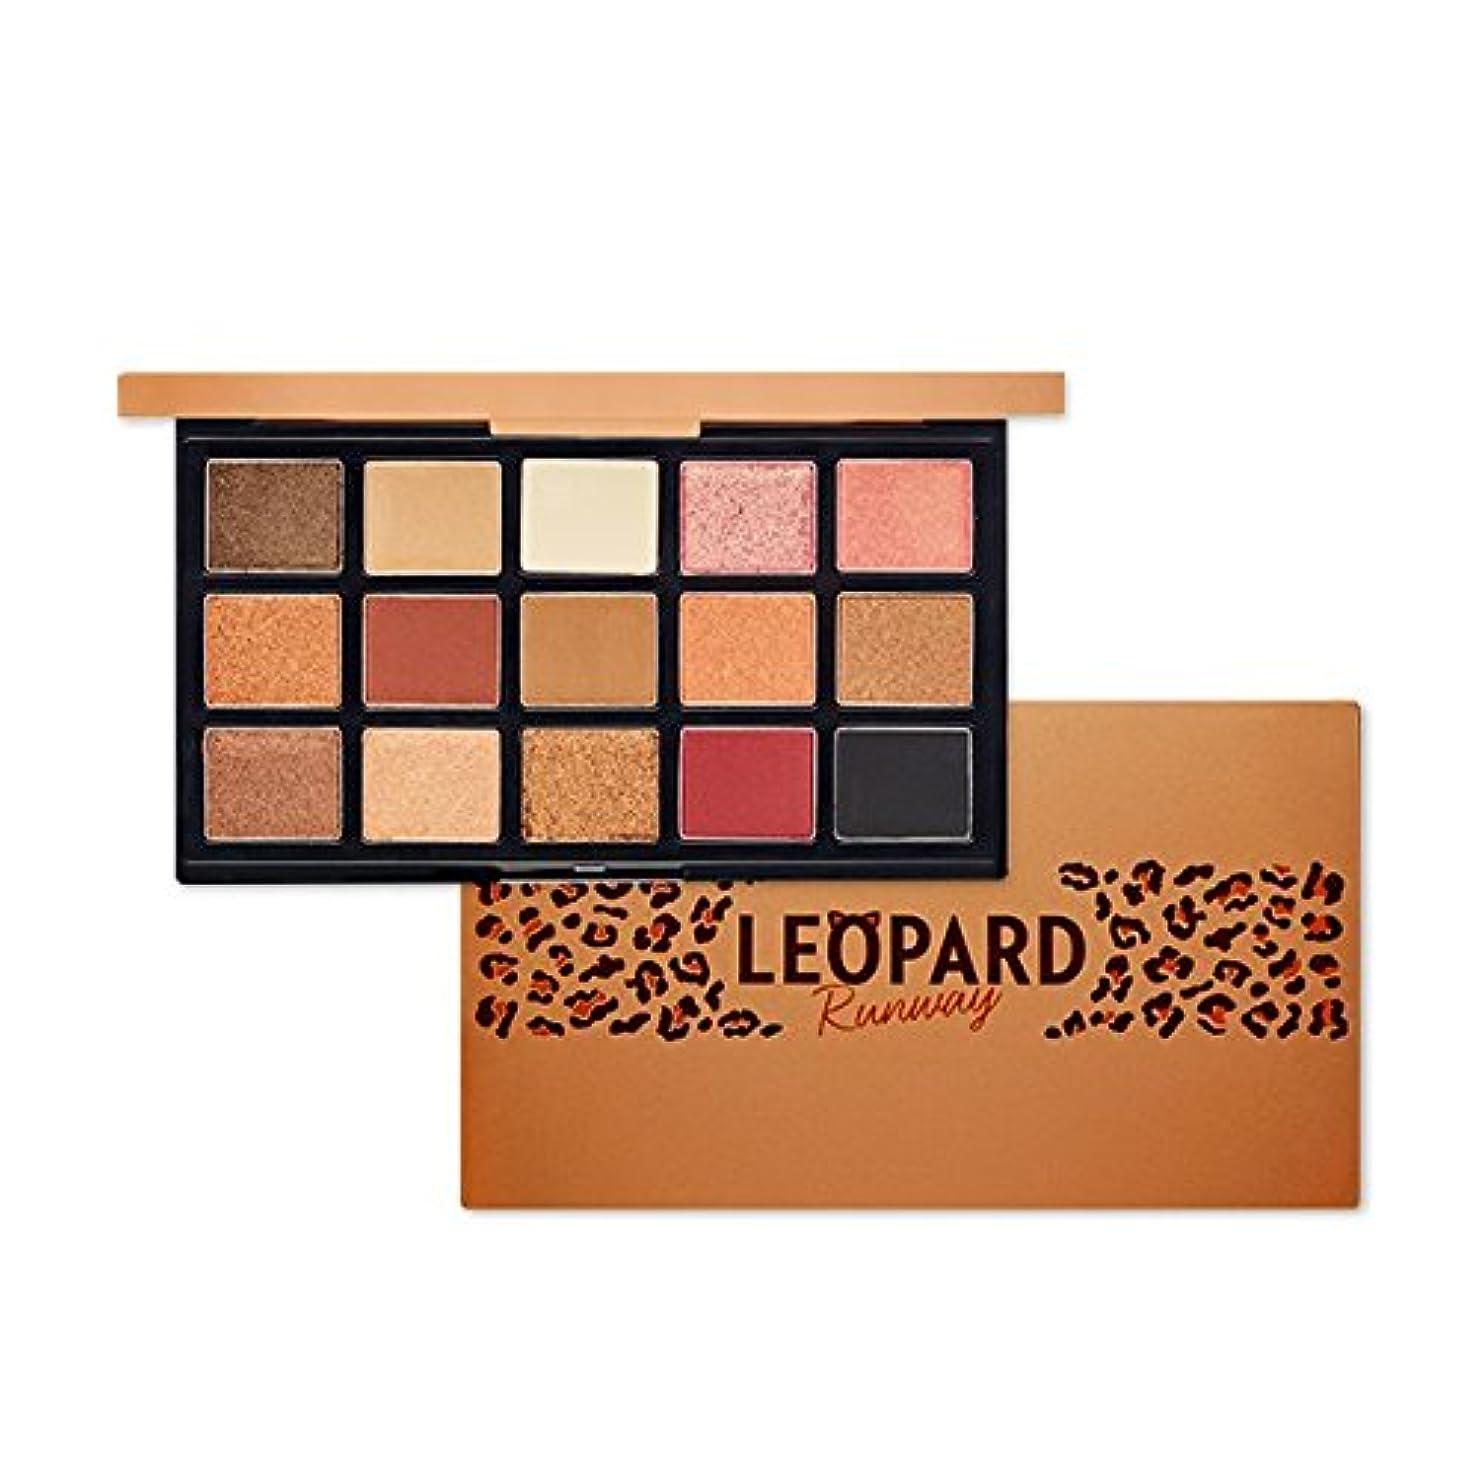 システム軽量断言するETUDE HOUSE Play Color Eye Palette - Leopard Runway/エチュードハウスプレイカラーアイパレット - レオパードランウェイ [並行輸入品]